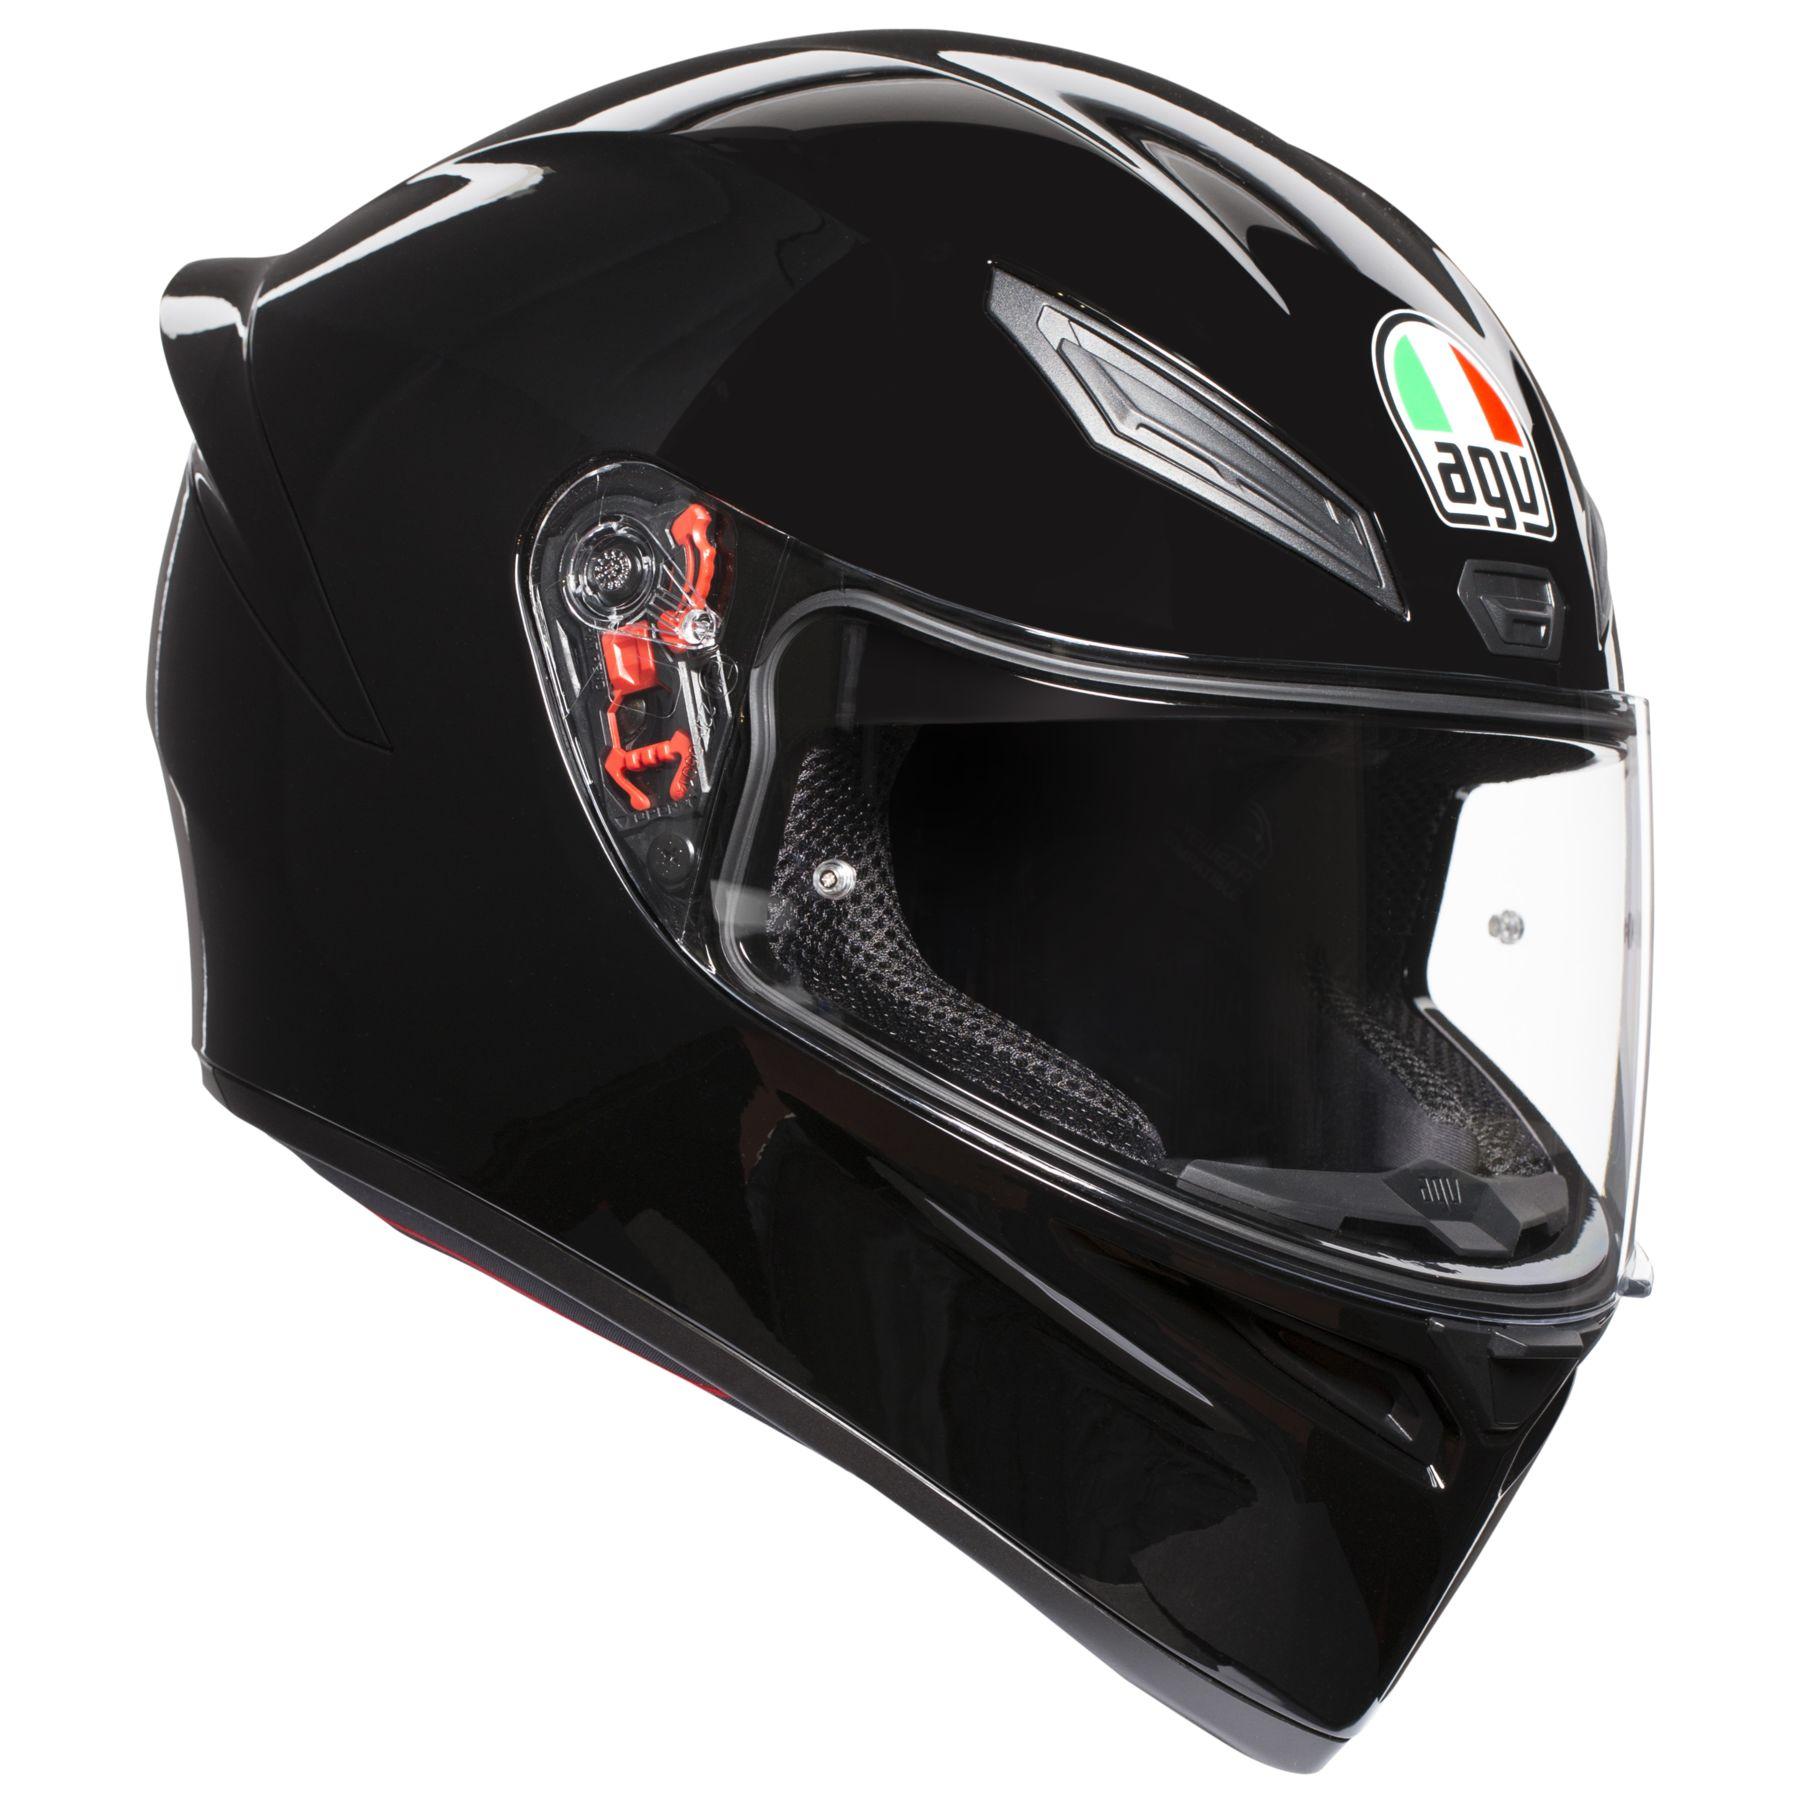 Agv K1 Helmet Revzilla